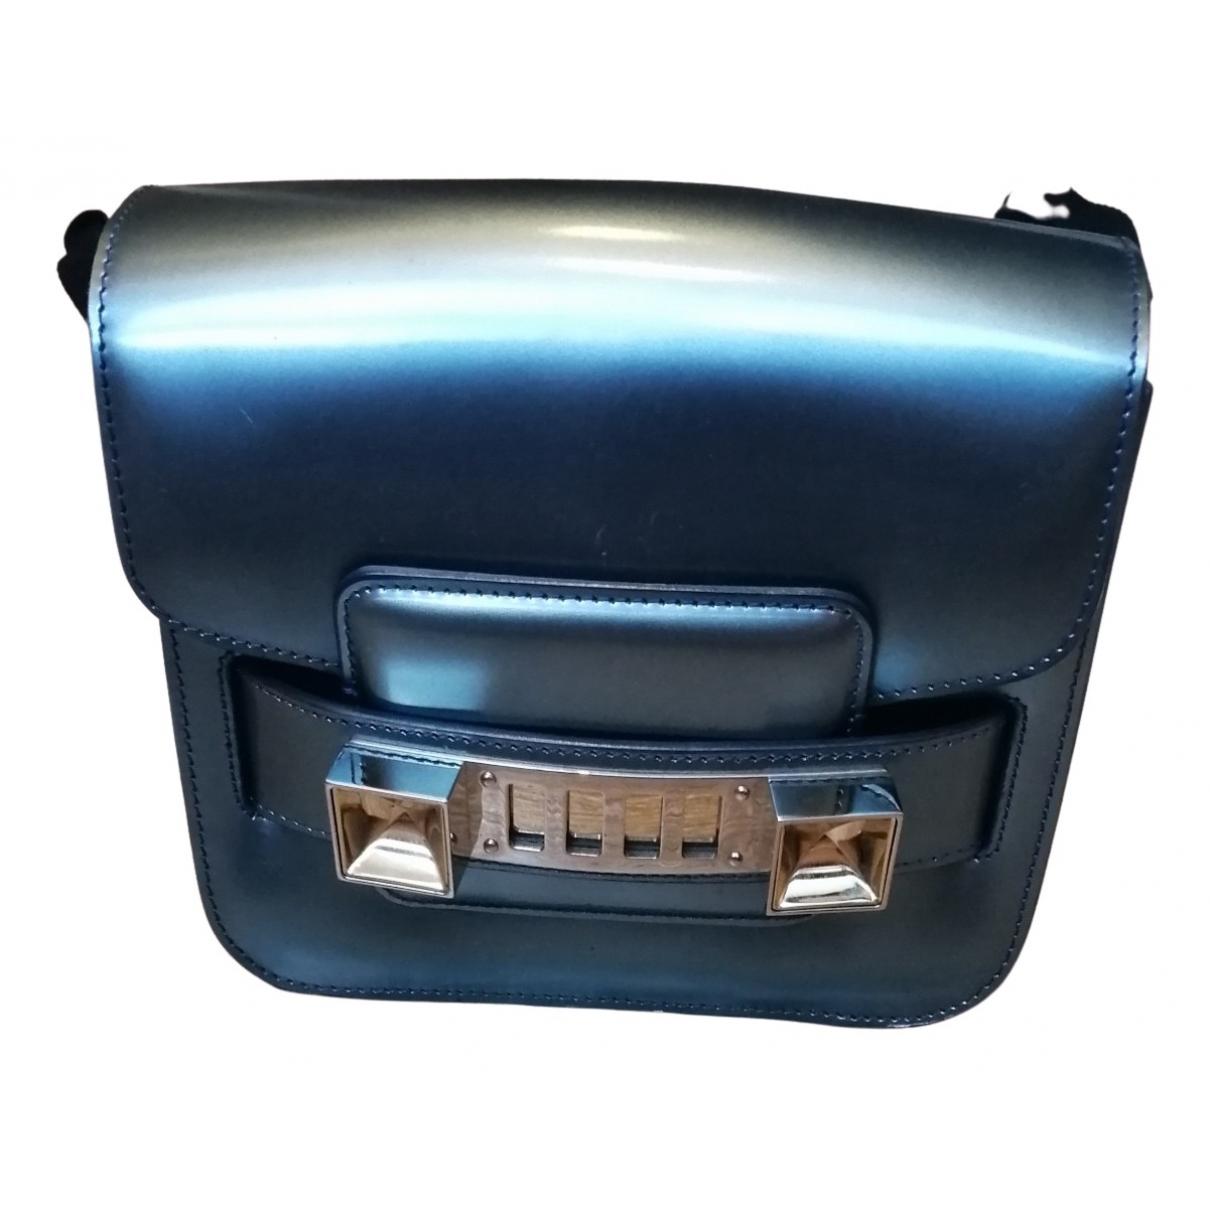 Proenza Schouler PS11 Handtasche in  Metallic Lackleder